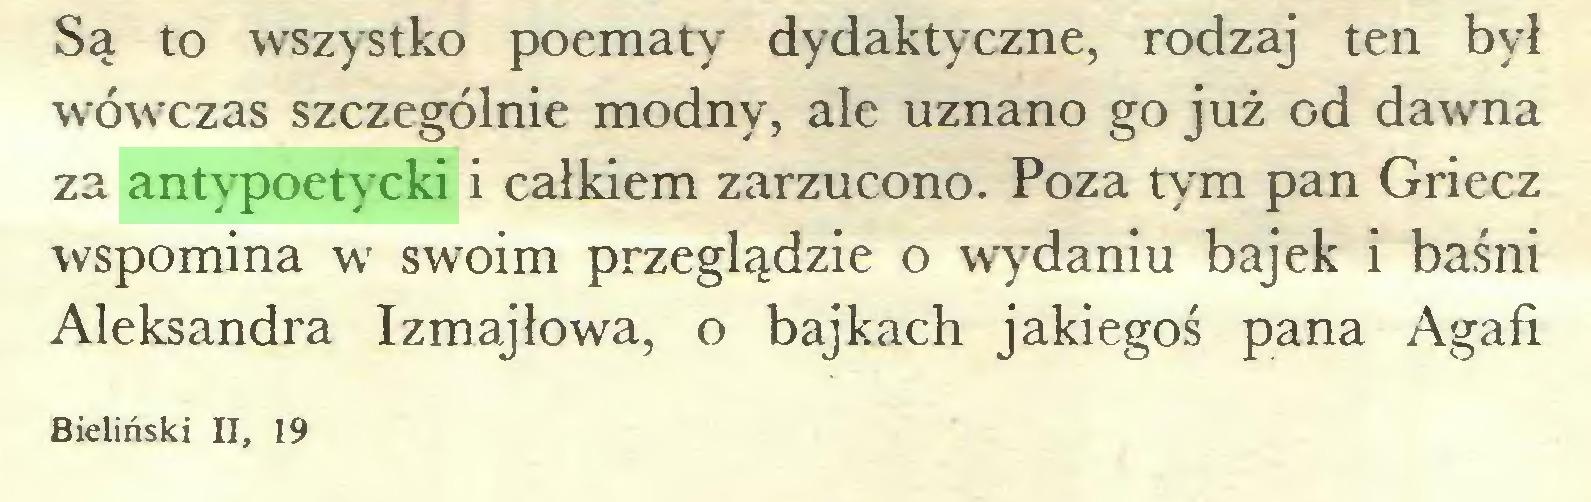 (...) Są to wszystko poematy dydakty czne, rodzaj ten był wówczas szczególnie modny, ale uznano go już od dawna za antypoetycki i całkiem zarzucono. Poza tym pan Griecz wspomina w swoim przeglądzie o wydaniu bajek i baśni Aleksandra Izmajłowa, o bajkach jakiegoś pana Agafi Bieliński II, 19...